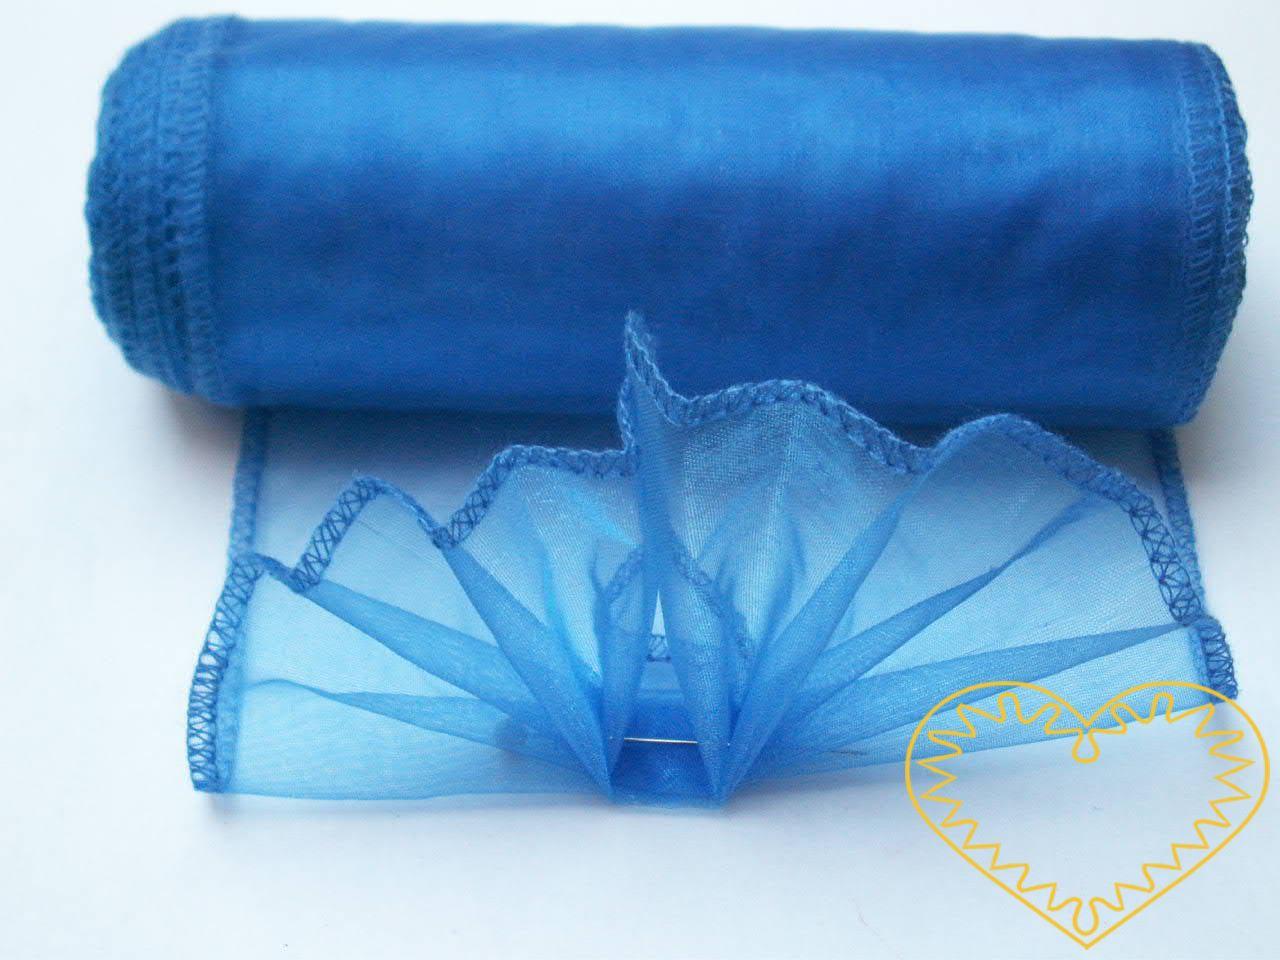 Organza modrá - šíře 12 cm, délka 8,5 m, z obou stran obroubená. Organza má široké využítí - k dekoračním účelům, k šití, do květinových aranžmá, pro výzdobu slavnostní tabule, k balení dárků, jako mašle, na výrobu broží i dalších ozdob.